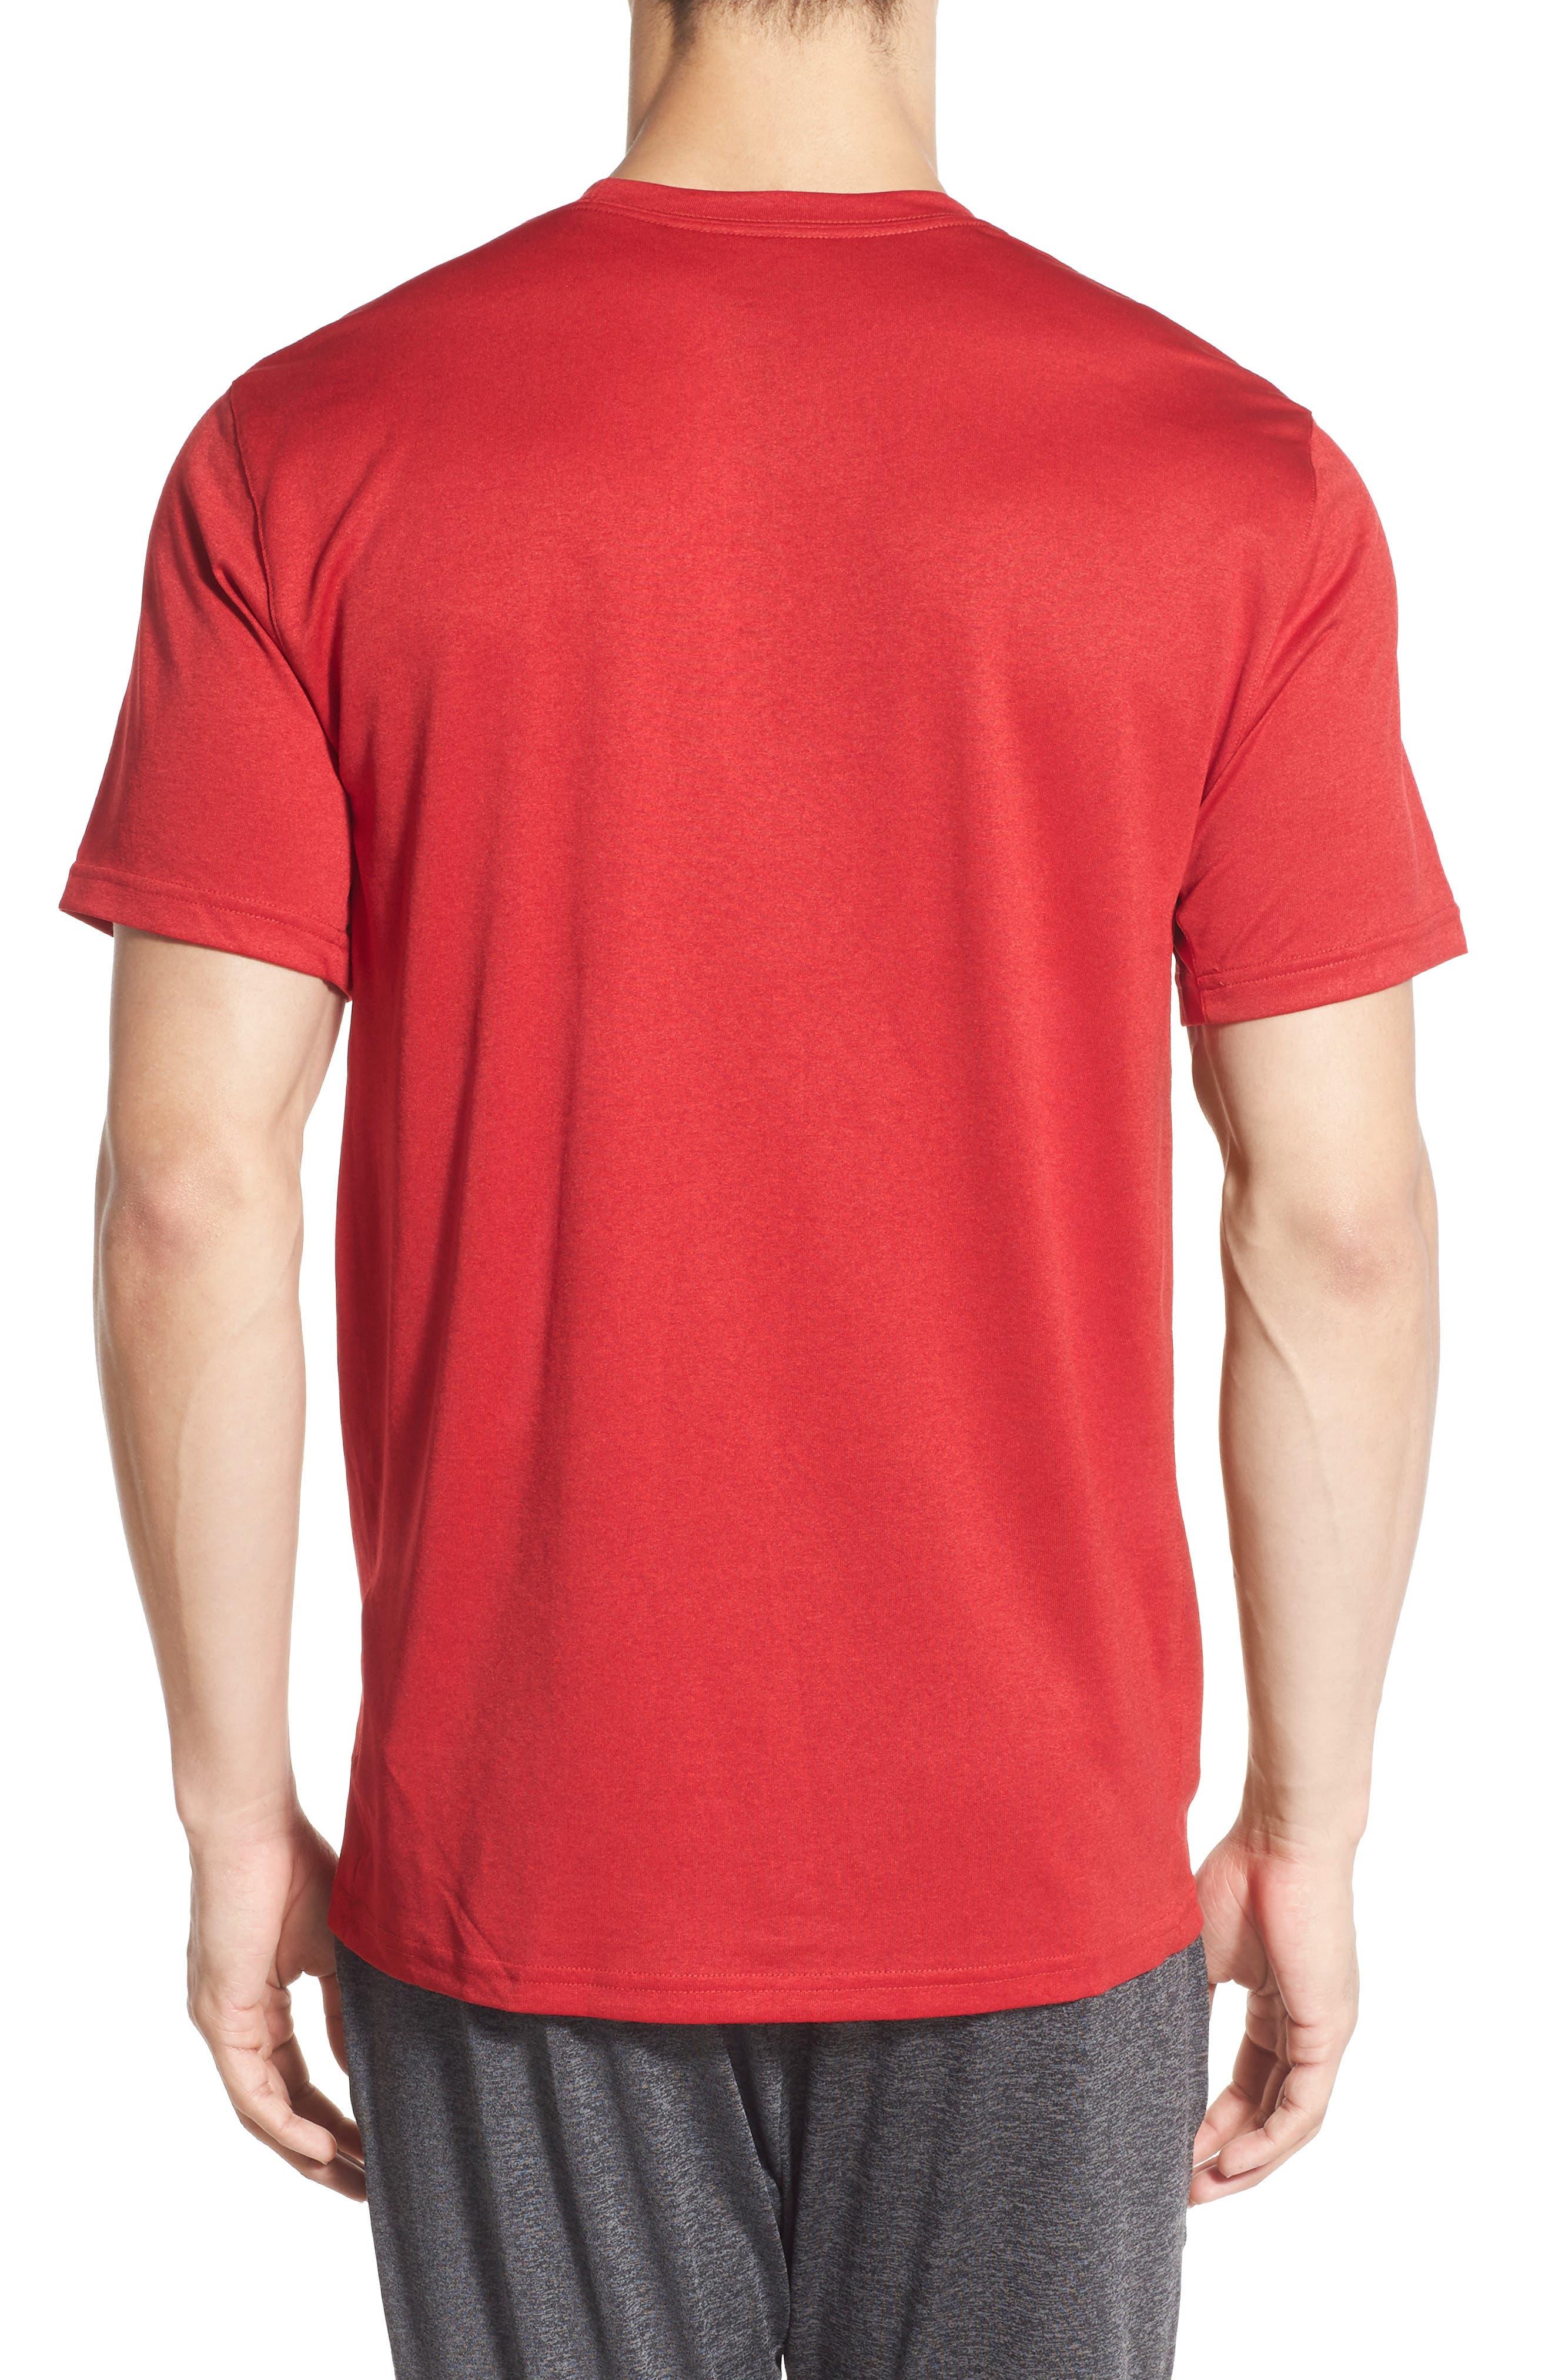 Legend 2.0 Dri-FIT Graphic T-Shirt,                         Main,                         color, GYM RED/BLACK/BLACK